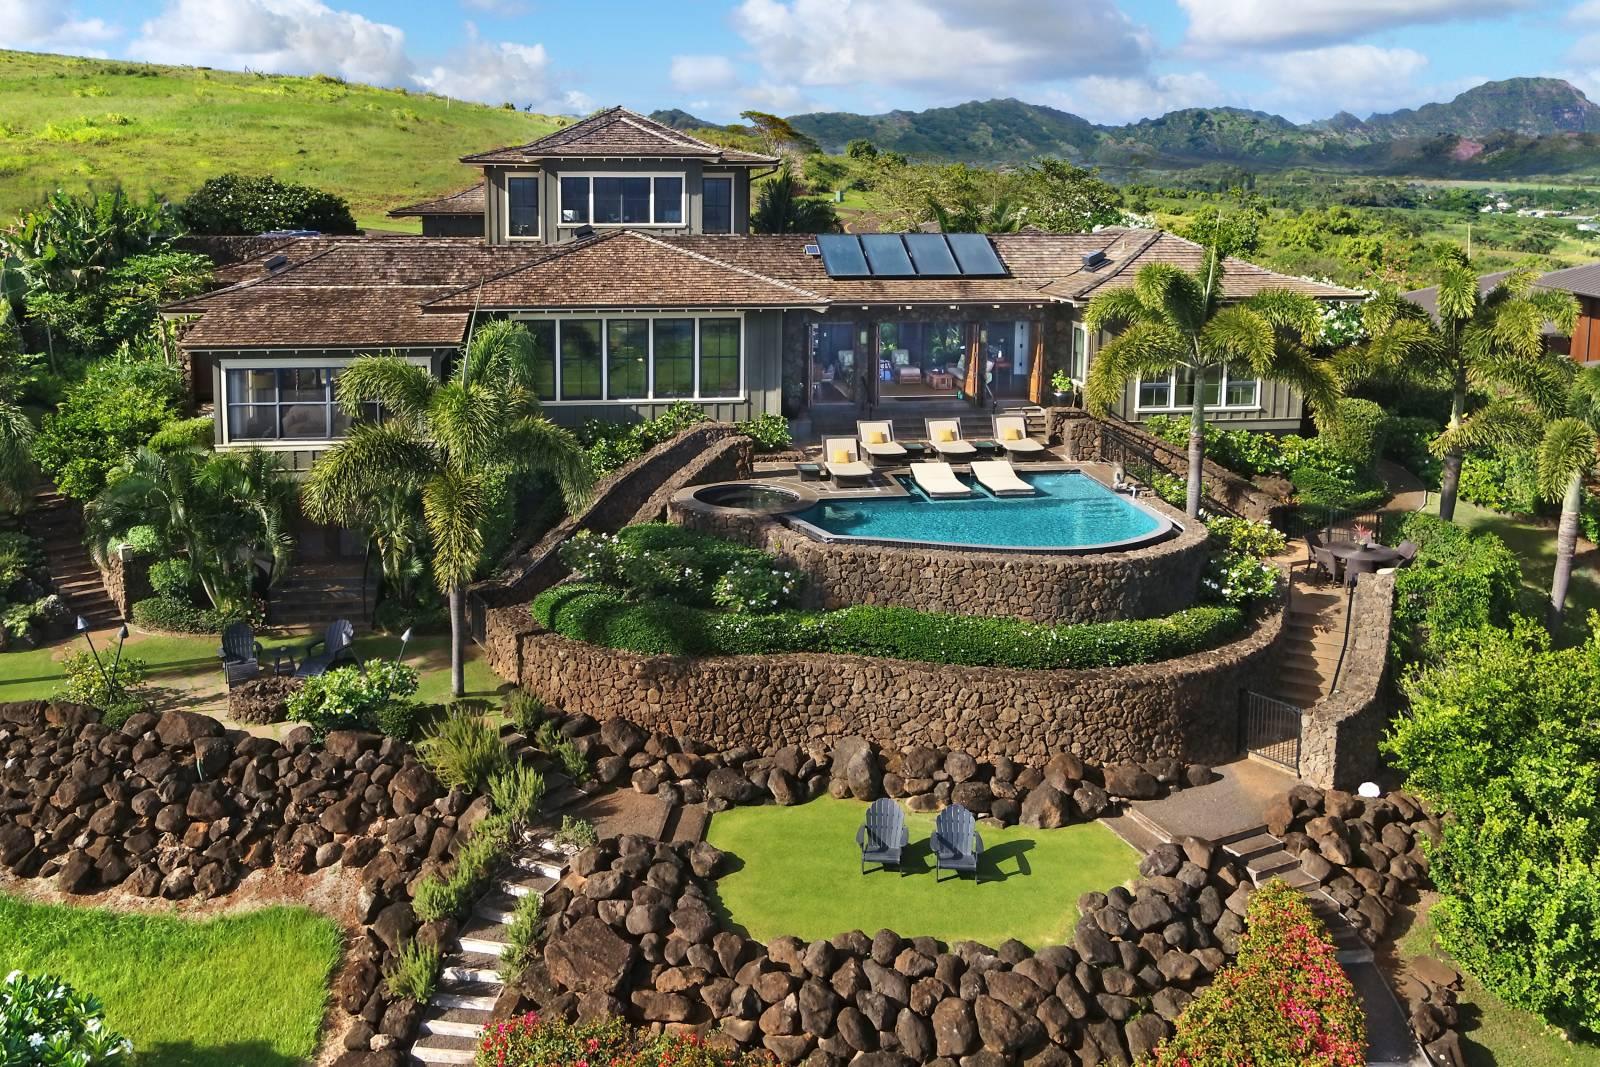 mc_mahon_residence_ext_aerial2-e1546531295506 Yellow Plantation House Hawaii on hawaii commercial, hawaii governor's house, hawaii restaurant, hawaii state house, old hawaiian house, hawaii historical timeline, hawaii style house, hawaii kit house, hawaii house plans, hawaii hibiscus, lanai room in a house, hawaii culture, hawaii land, hawaii honolulu mission, hawaii waterfall, hawaii cottage, pond inside house, hawaii schools, hawaii apartment, hawaii ocean view,